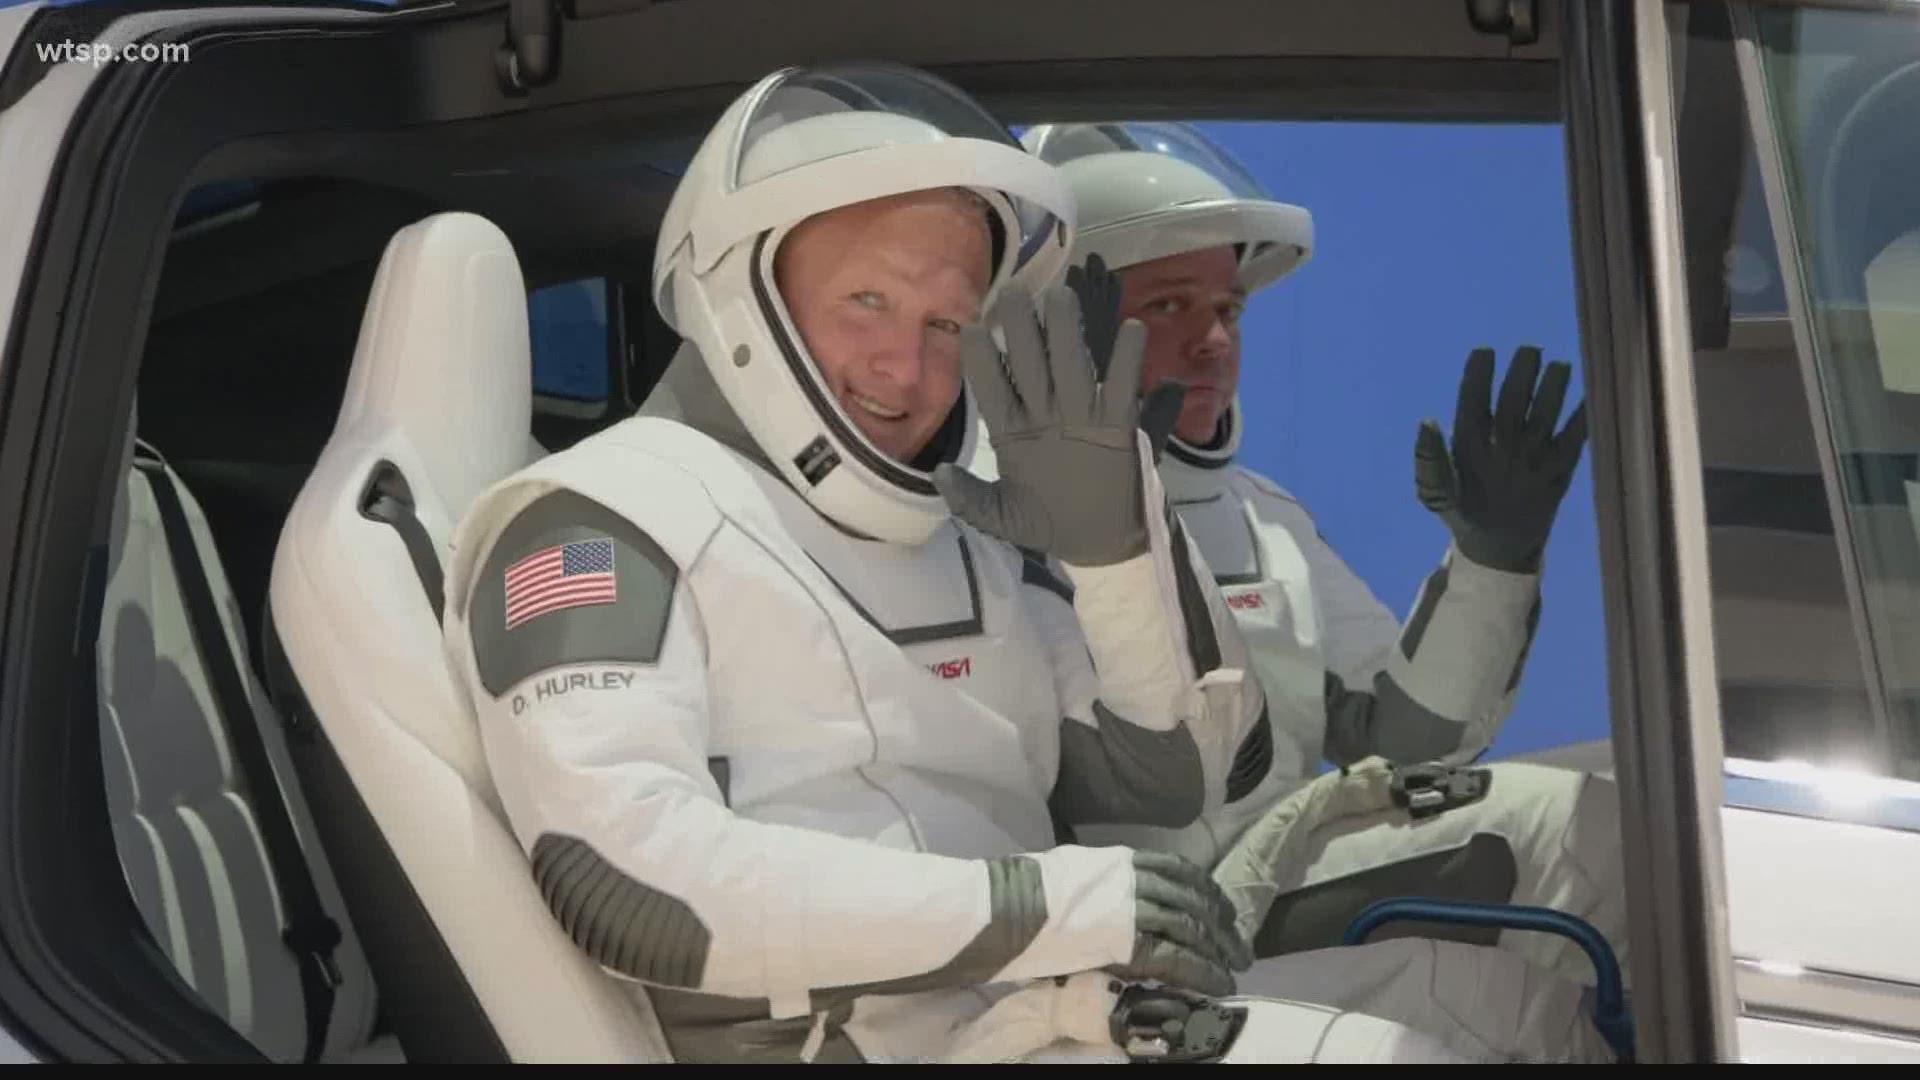 Gli astronauti Bob Behnken e Doug Hurley con nuove tute spaziali di ultima generazione